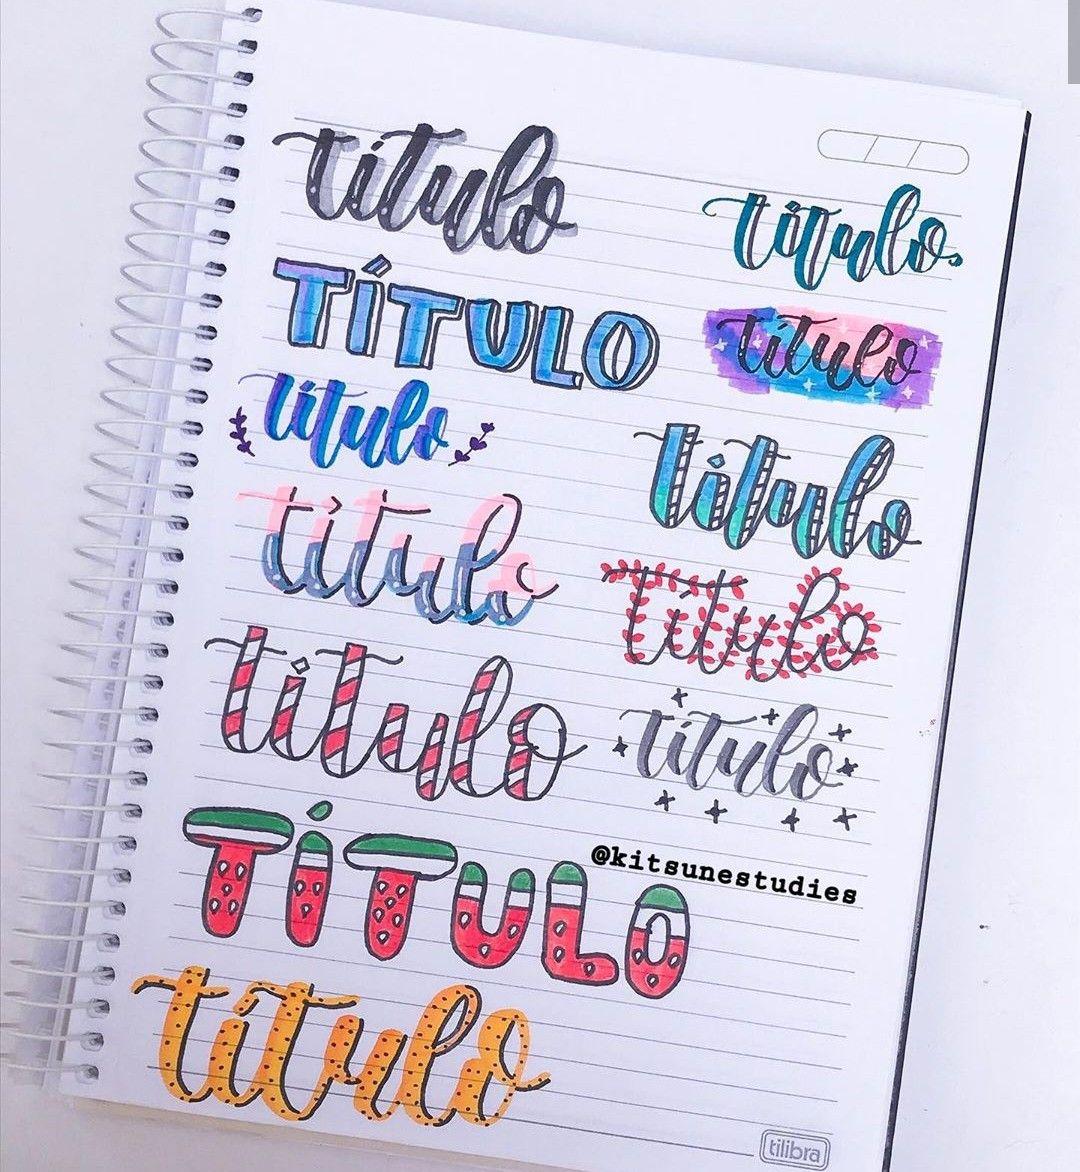 titulos creativos a color 1